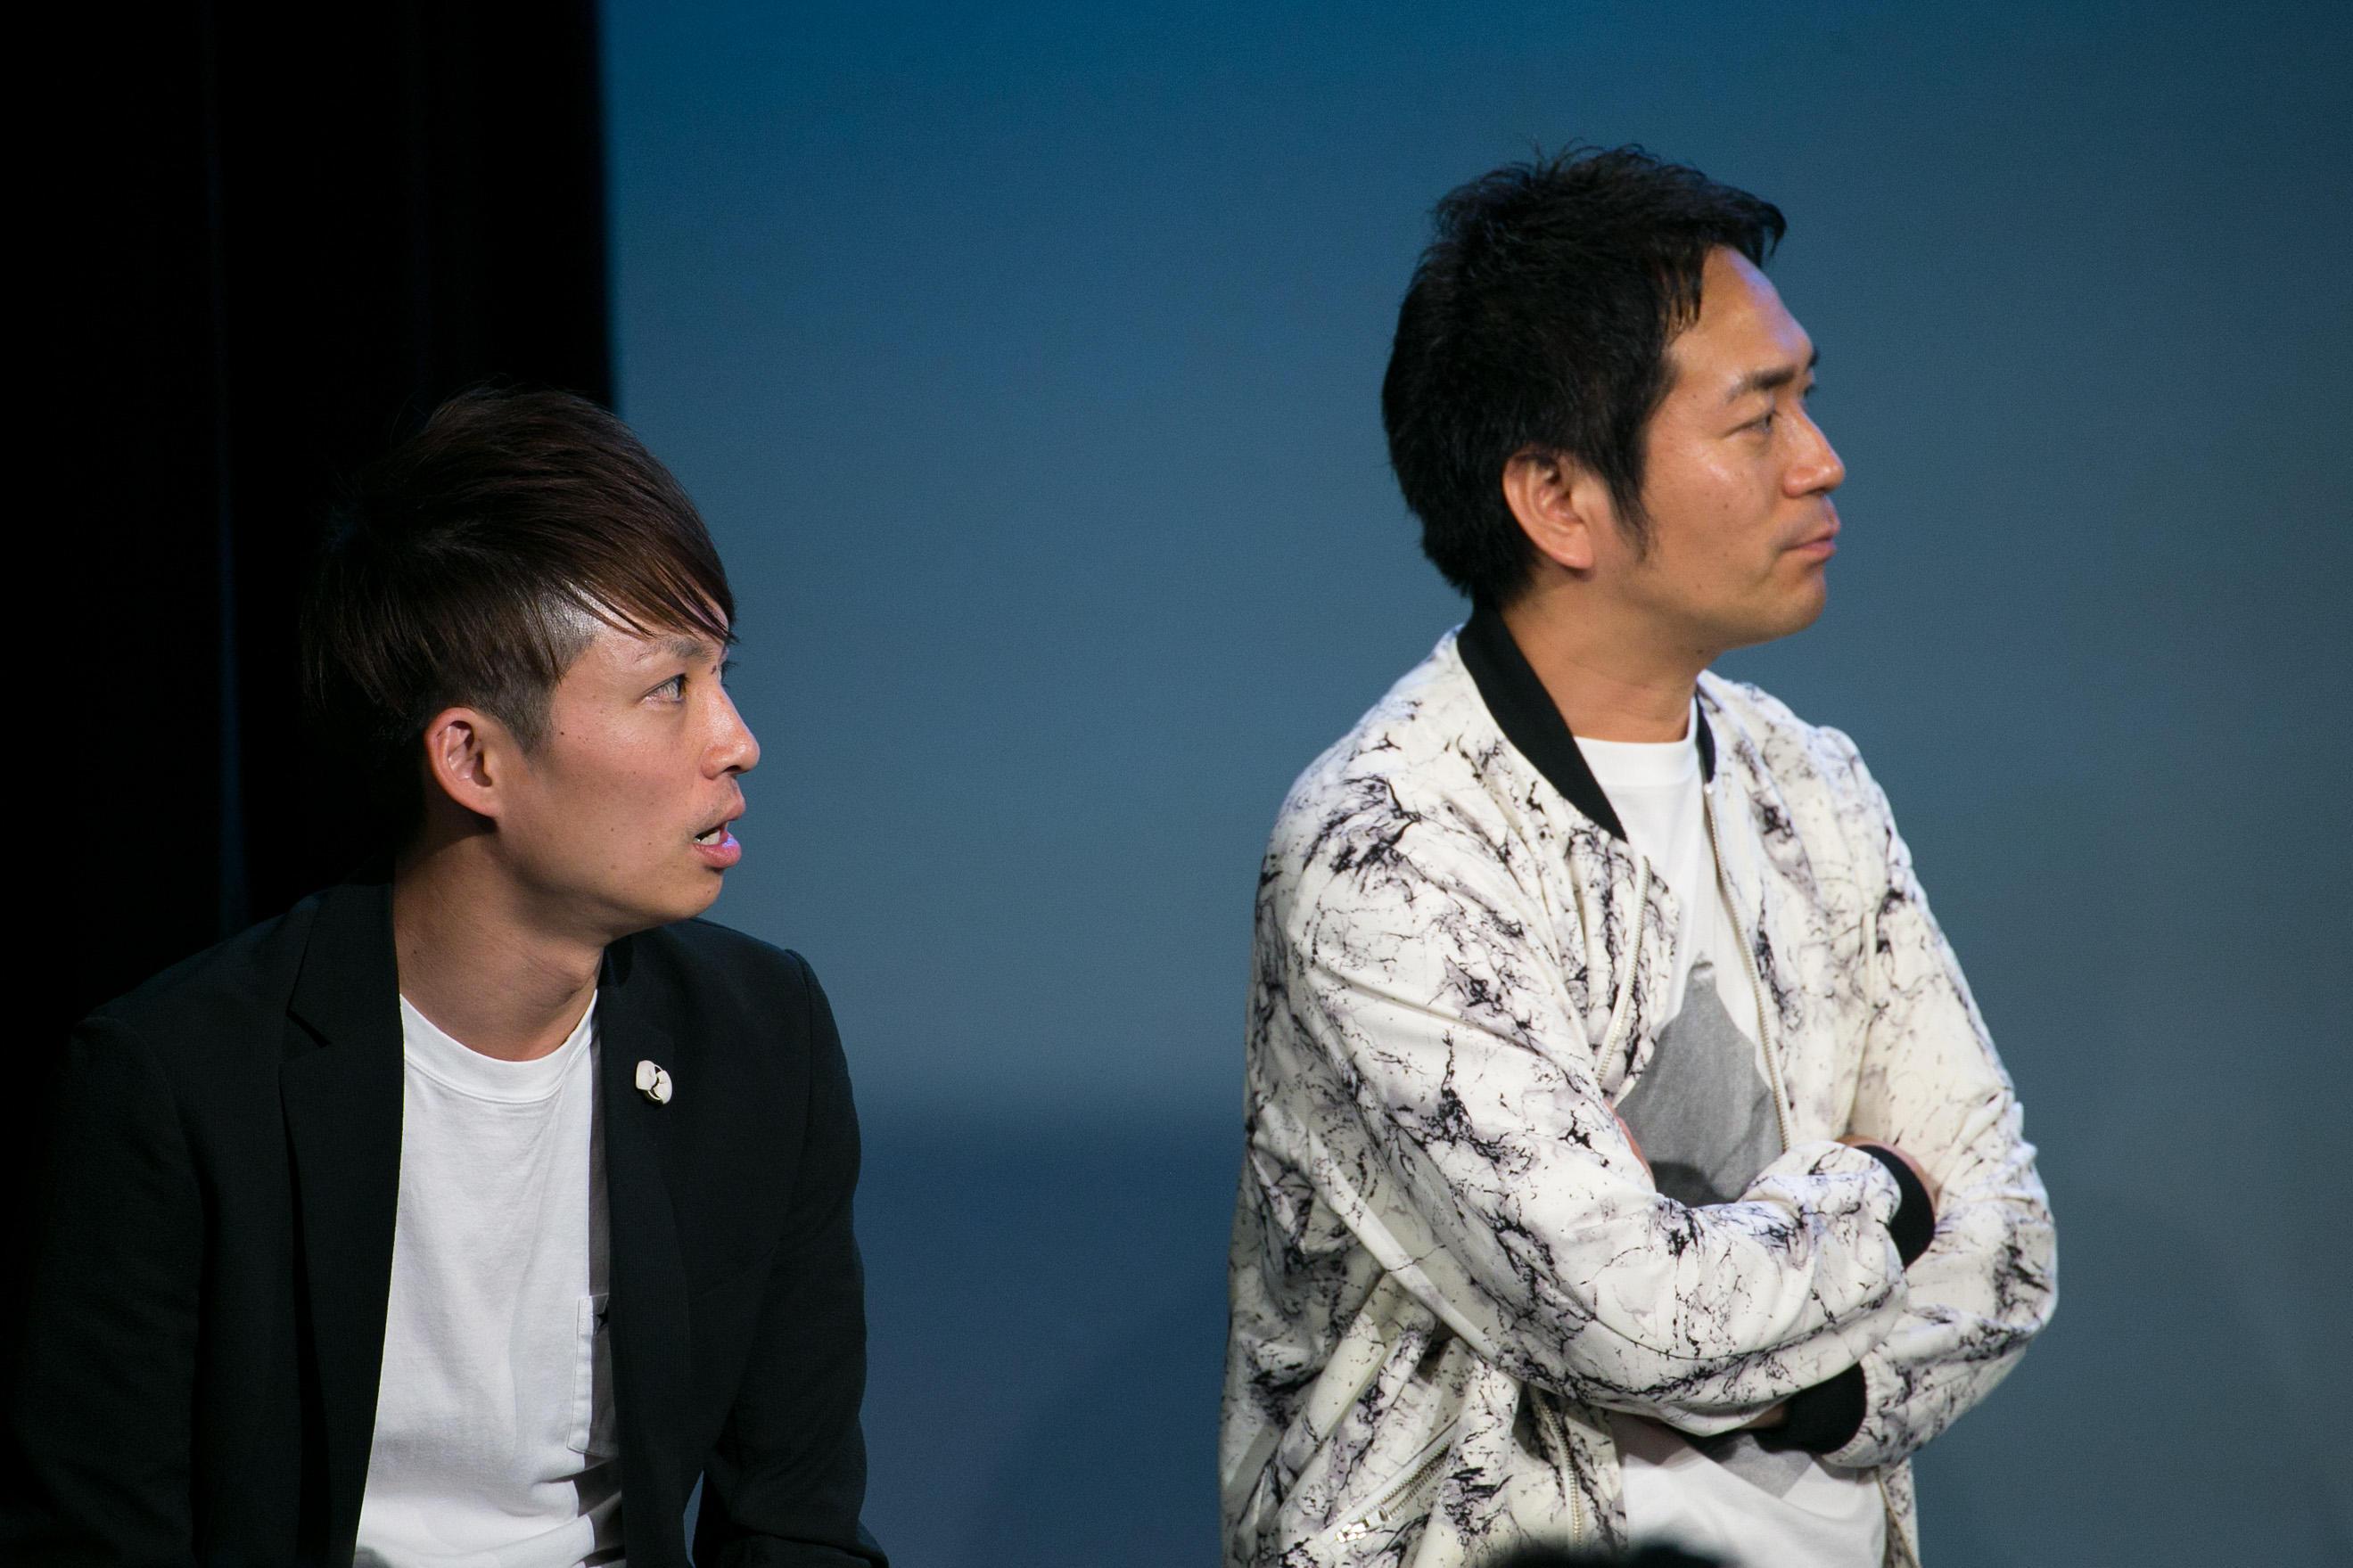 http://news.yoshimoto.co.jp/20181107090429-8f1a5a5235ef9e6ac5be55b4dca6e4642e04663c.jpg